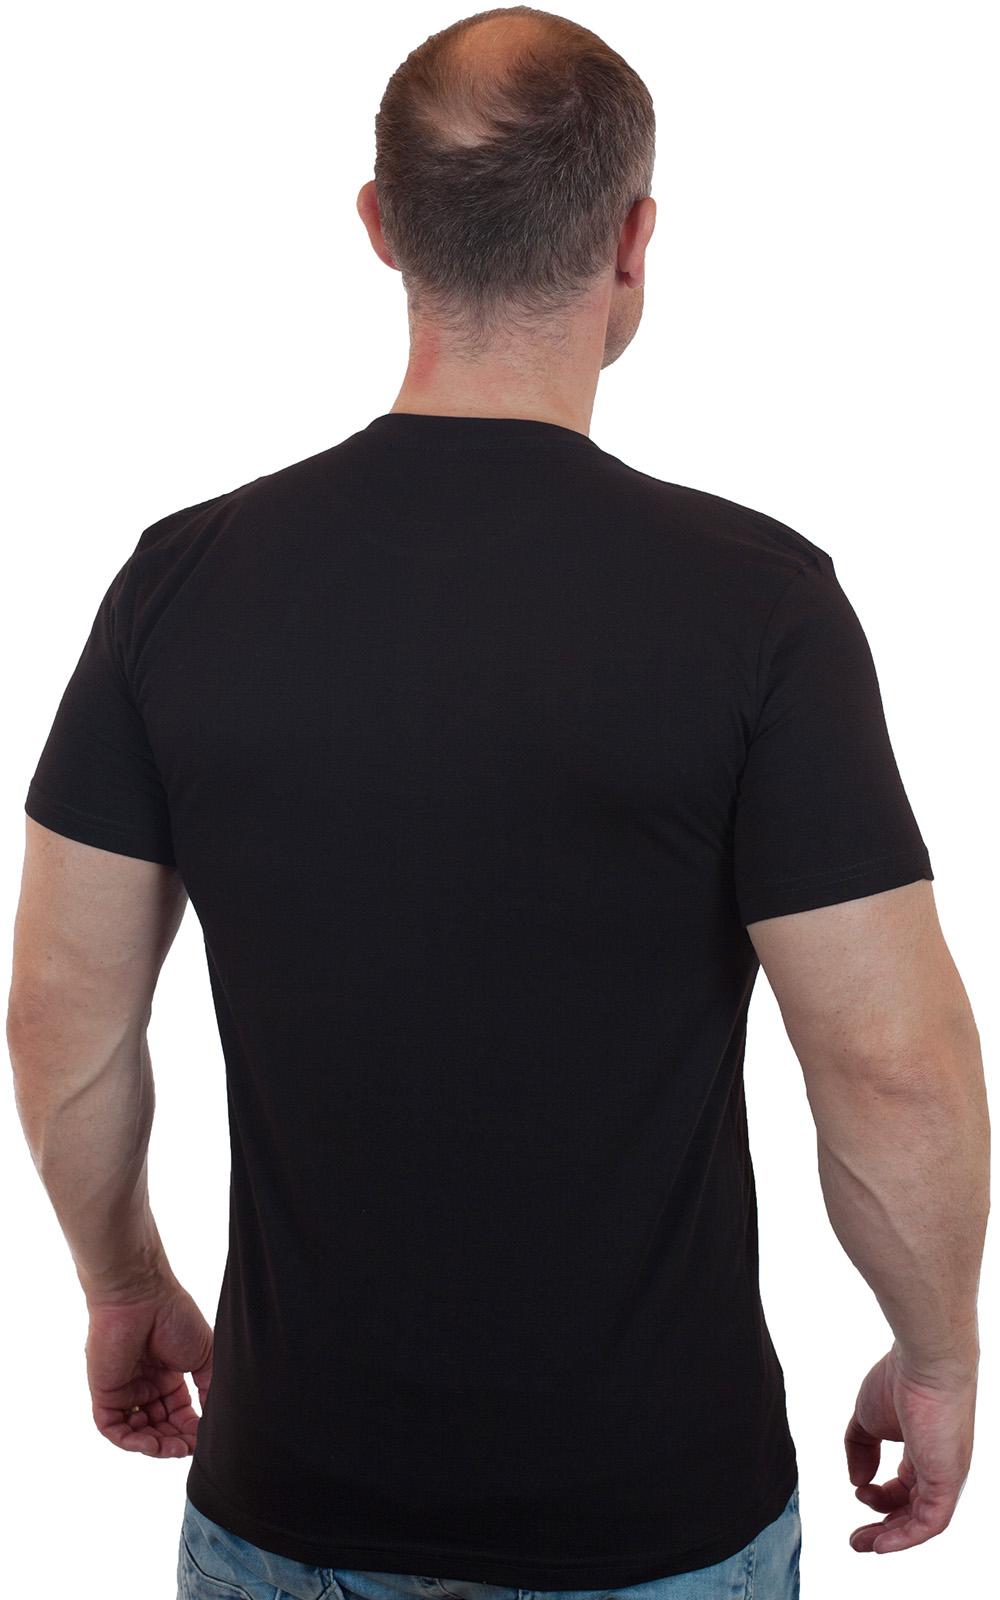 Черная мужская футболка с вышивкой Балтийский Флот